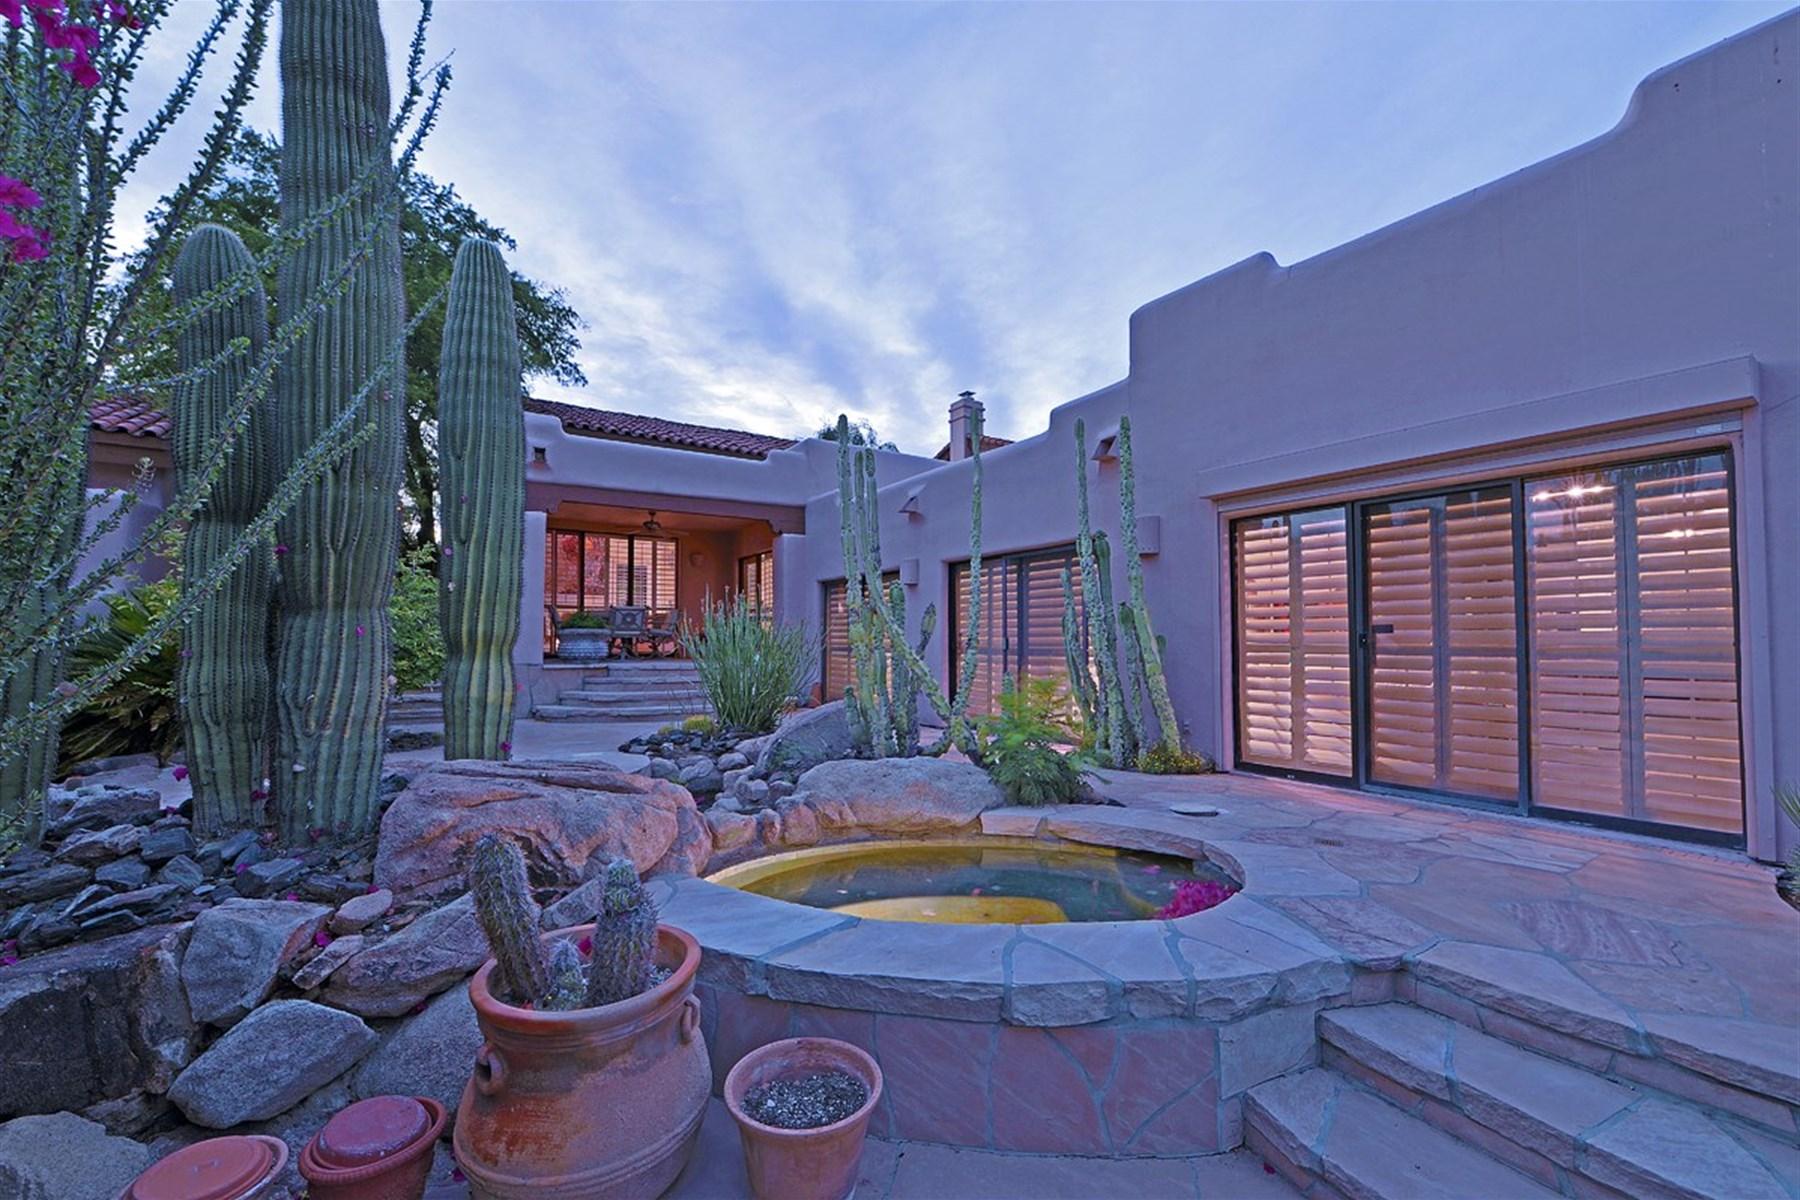 Частный односемейный дом для того Продажа на Lovely gated Biltmore Villas with big views of Camelback Mountain. 6179 N 29TH PL Phoenix, Аризона 85016 Соединенные Штаты